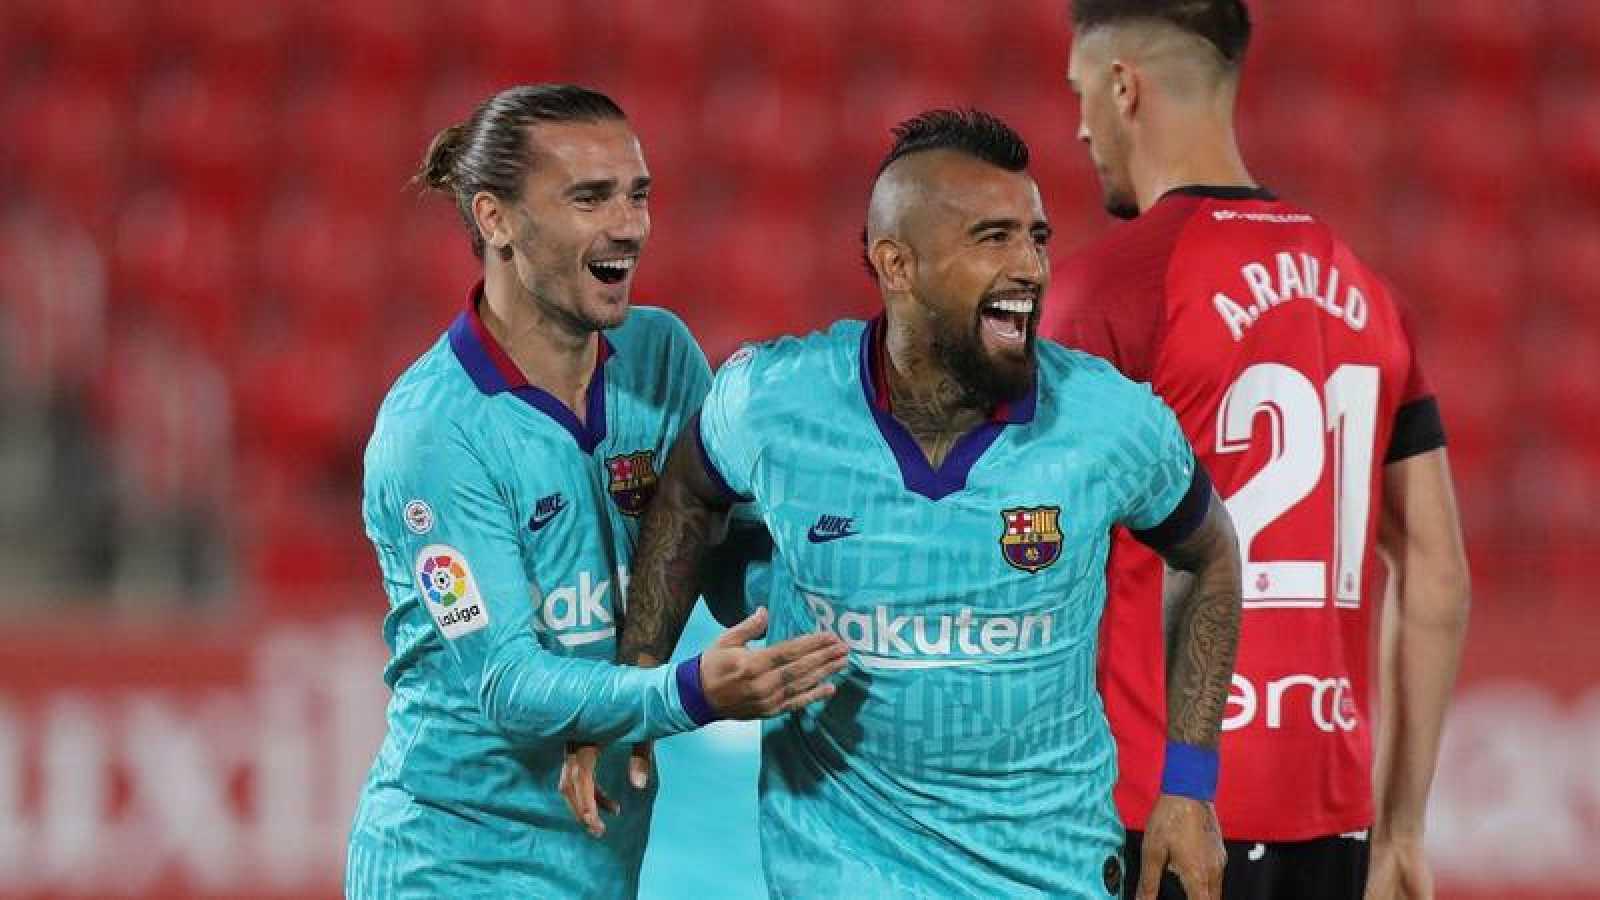 Vidal y Griezmann celebran el gol del chileno en Mallorca.